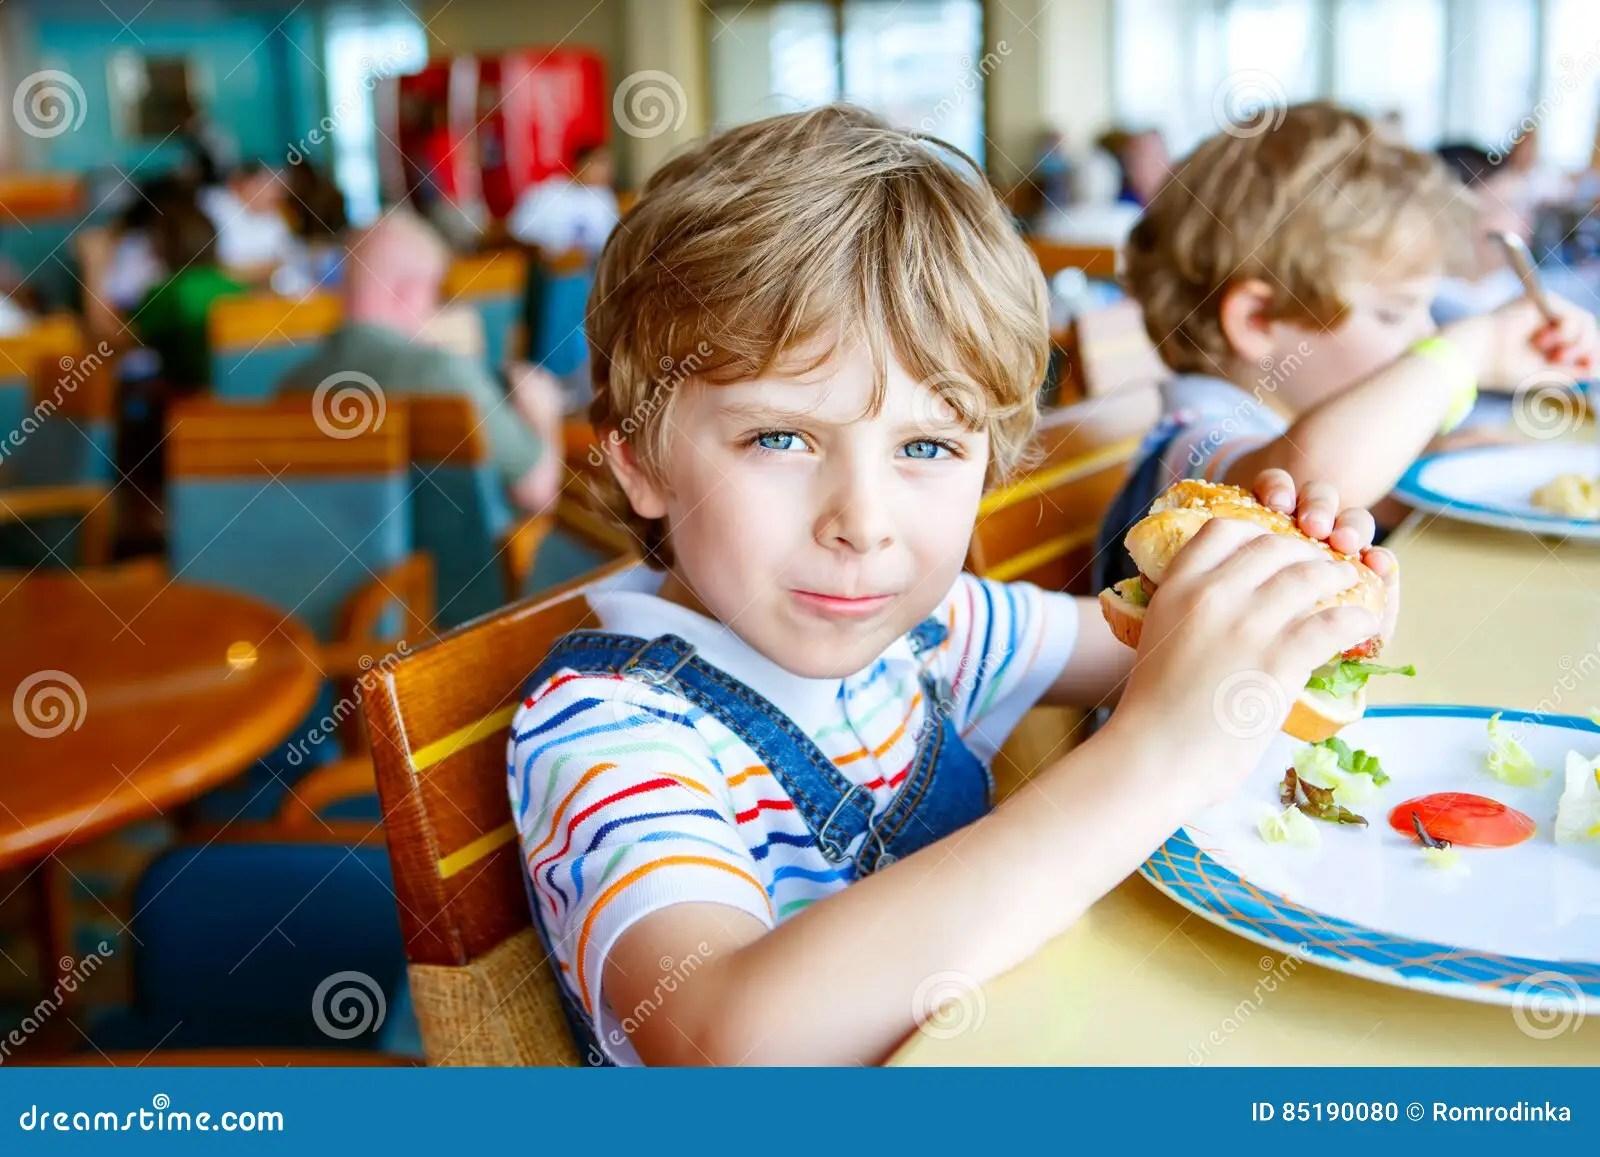 Cute Healthy Preschool Boy Eats Hamburger Sitting In